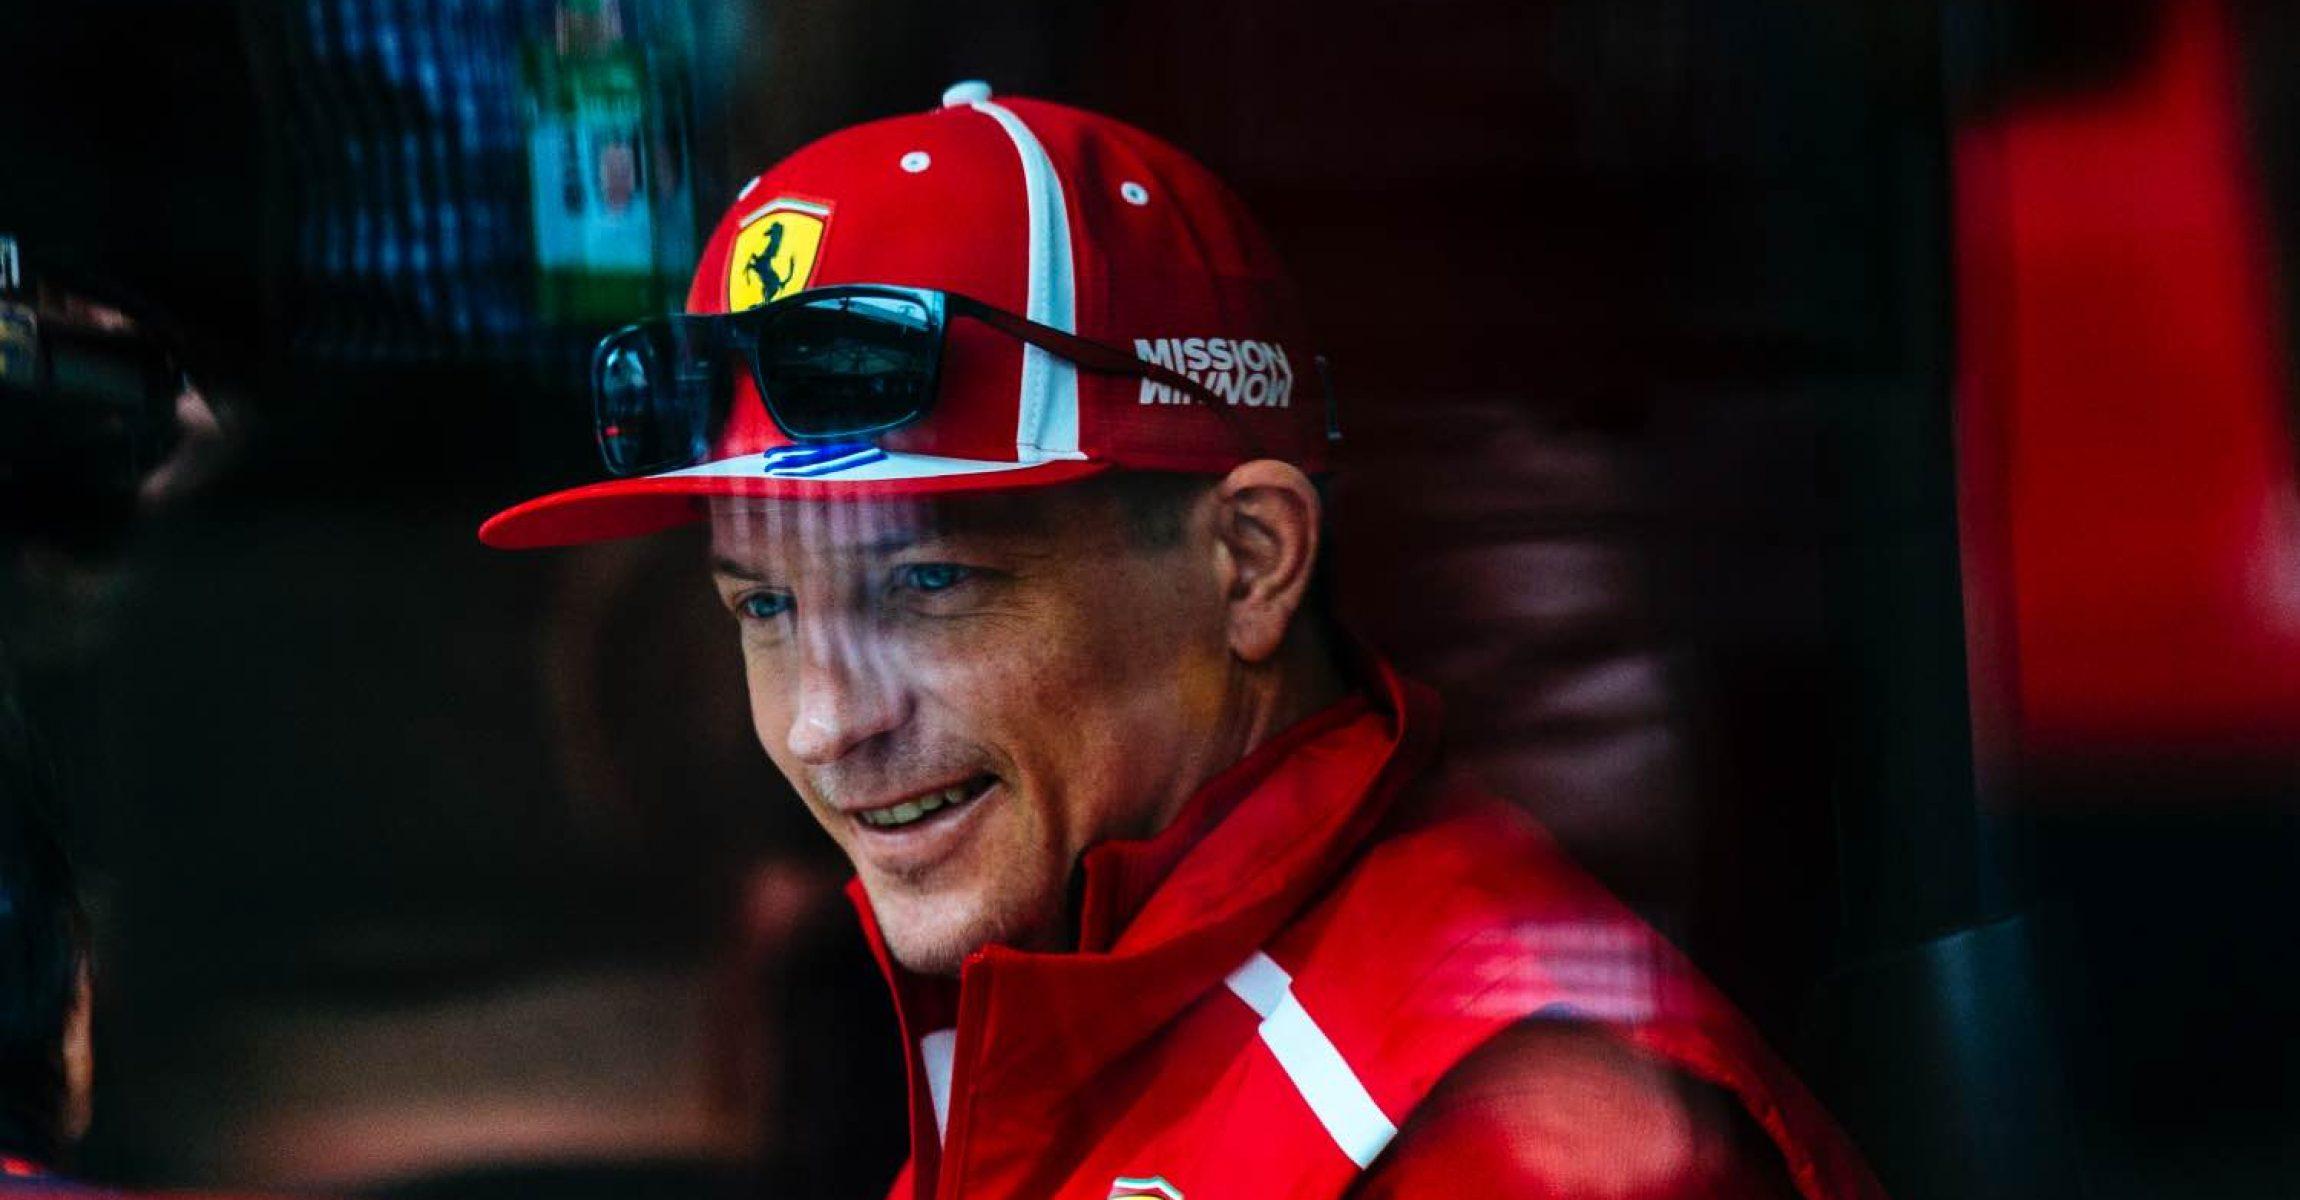 Ferrari, Kimi Räikkönen